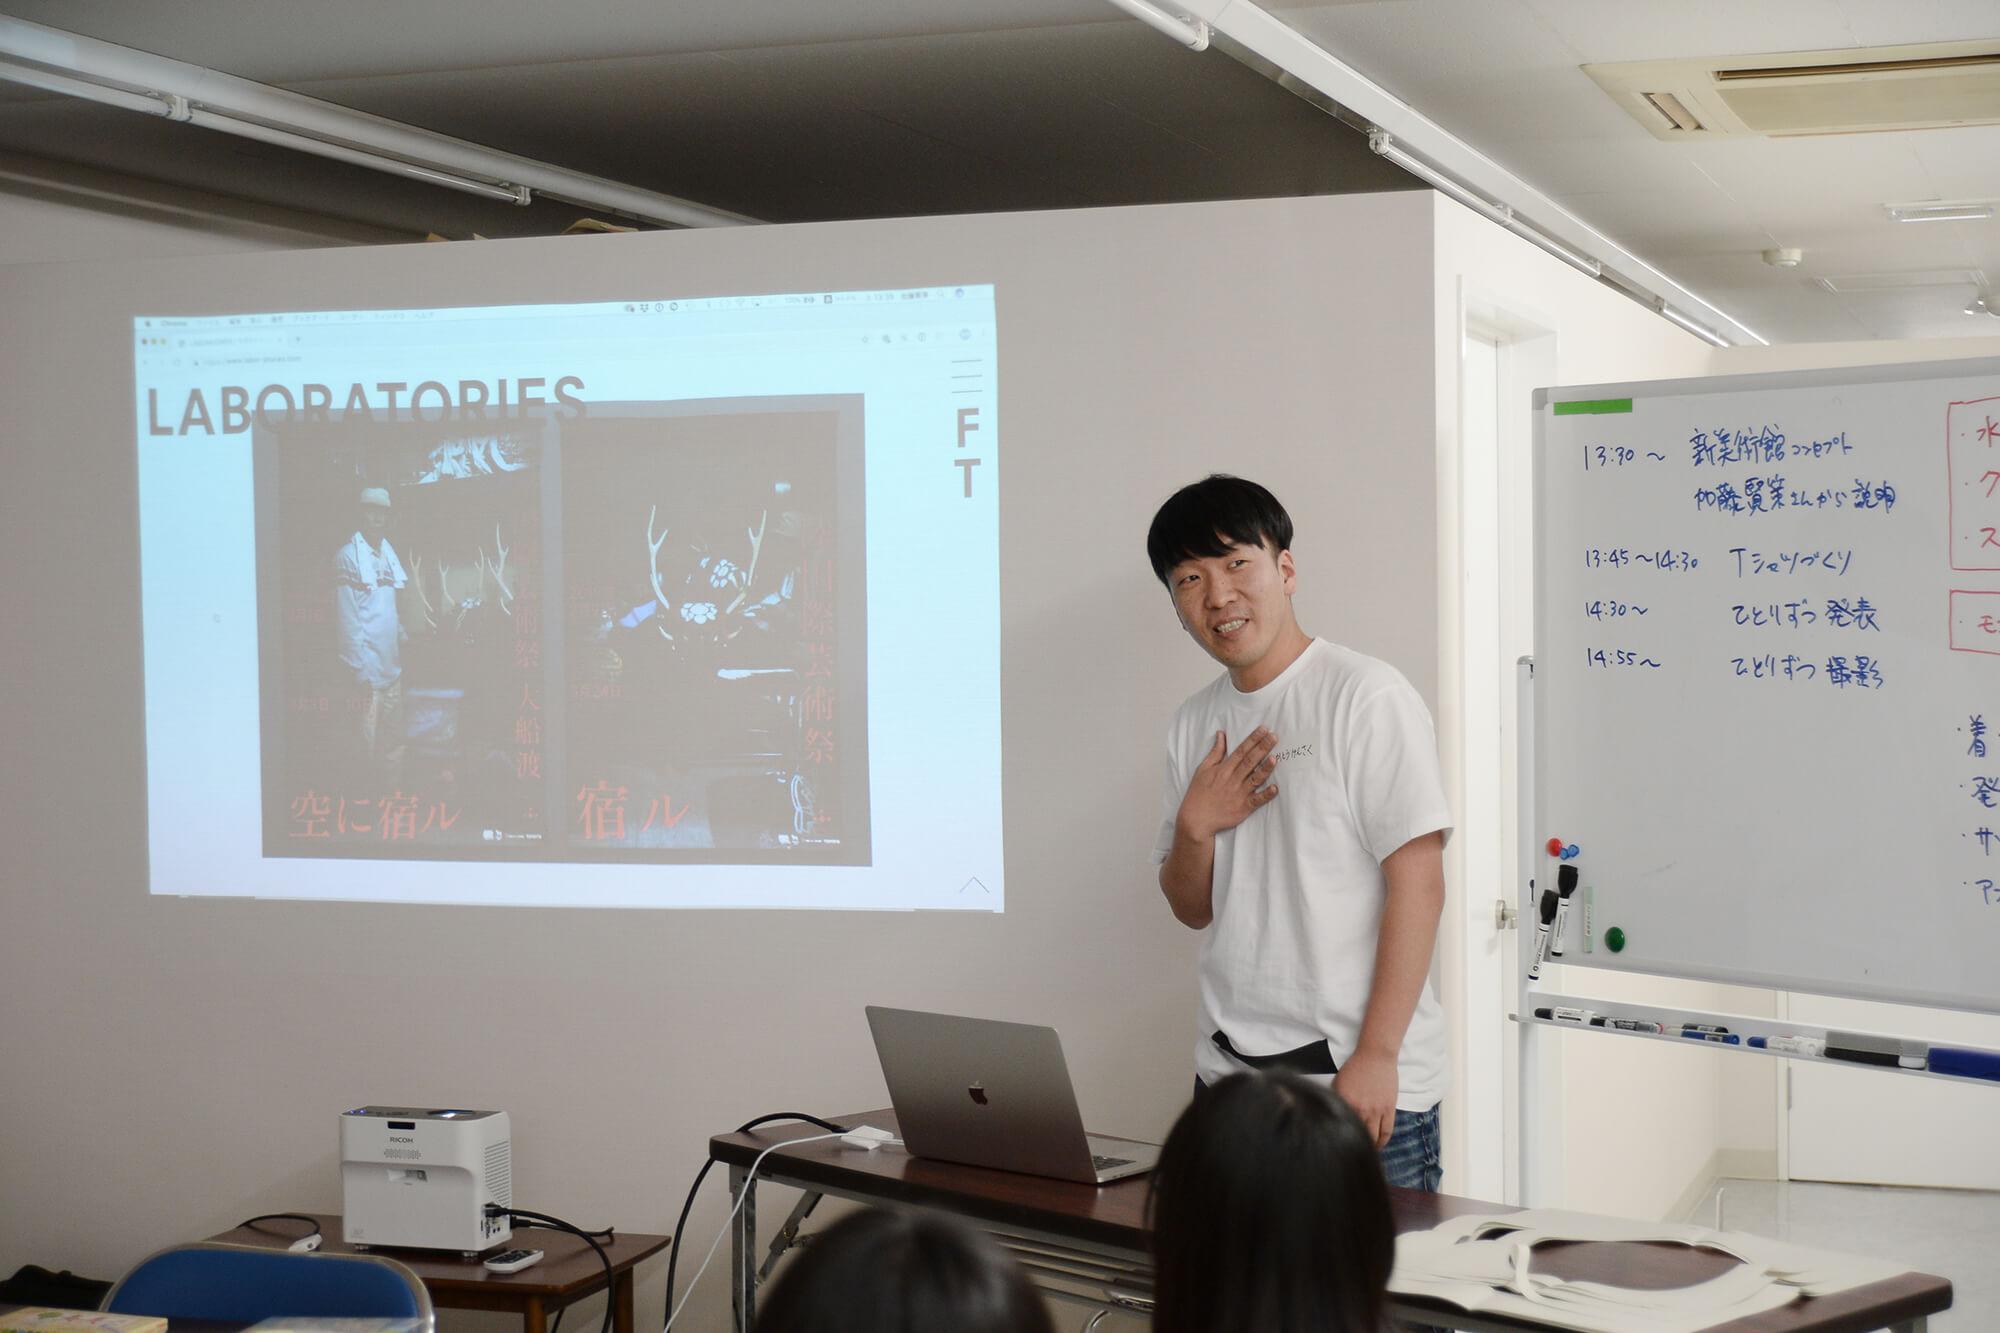 八戸市新美術館 シンボルマーク・ワークショップ|offsociety inc. Hachinohe Art Museum Symbol Mark Workshop 現代美術・アート Contemporary Art